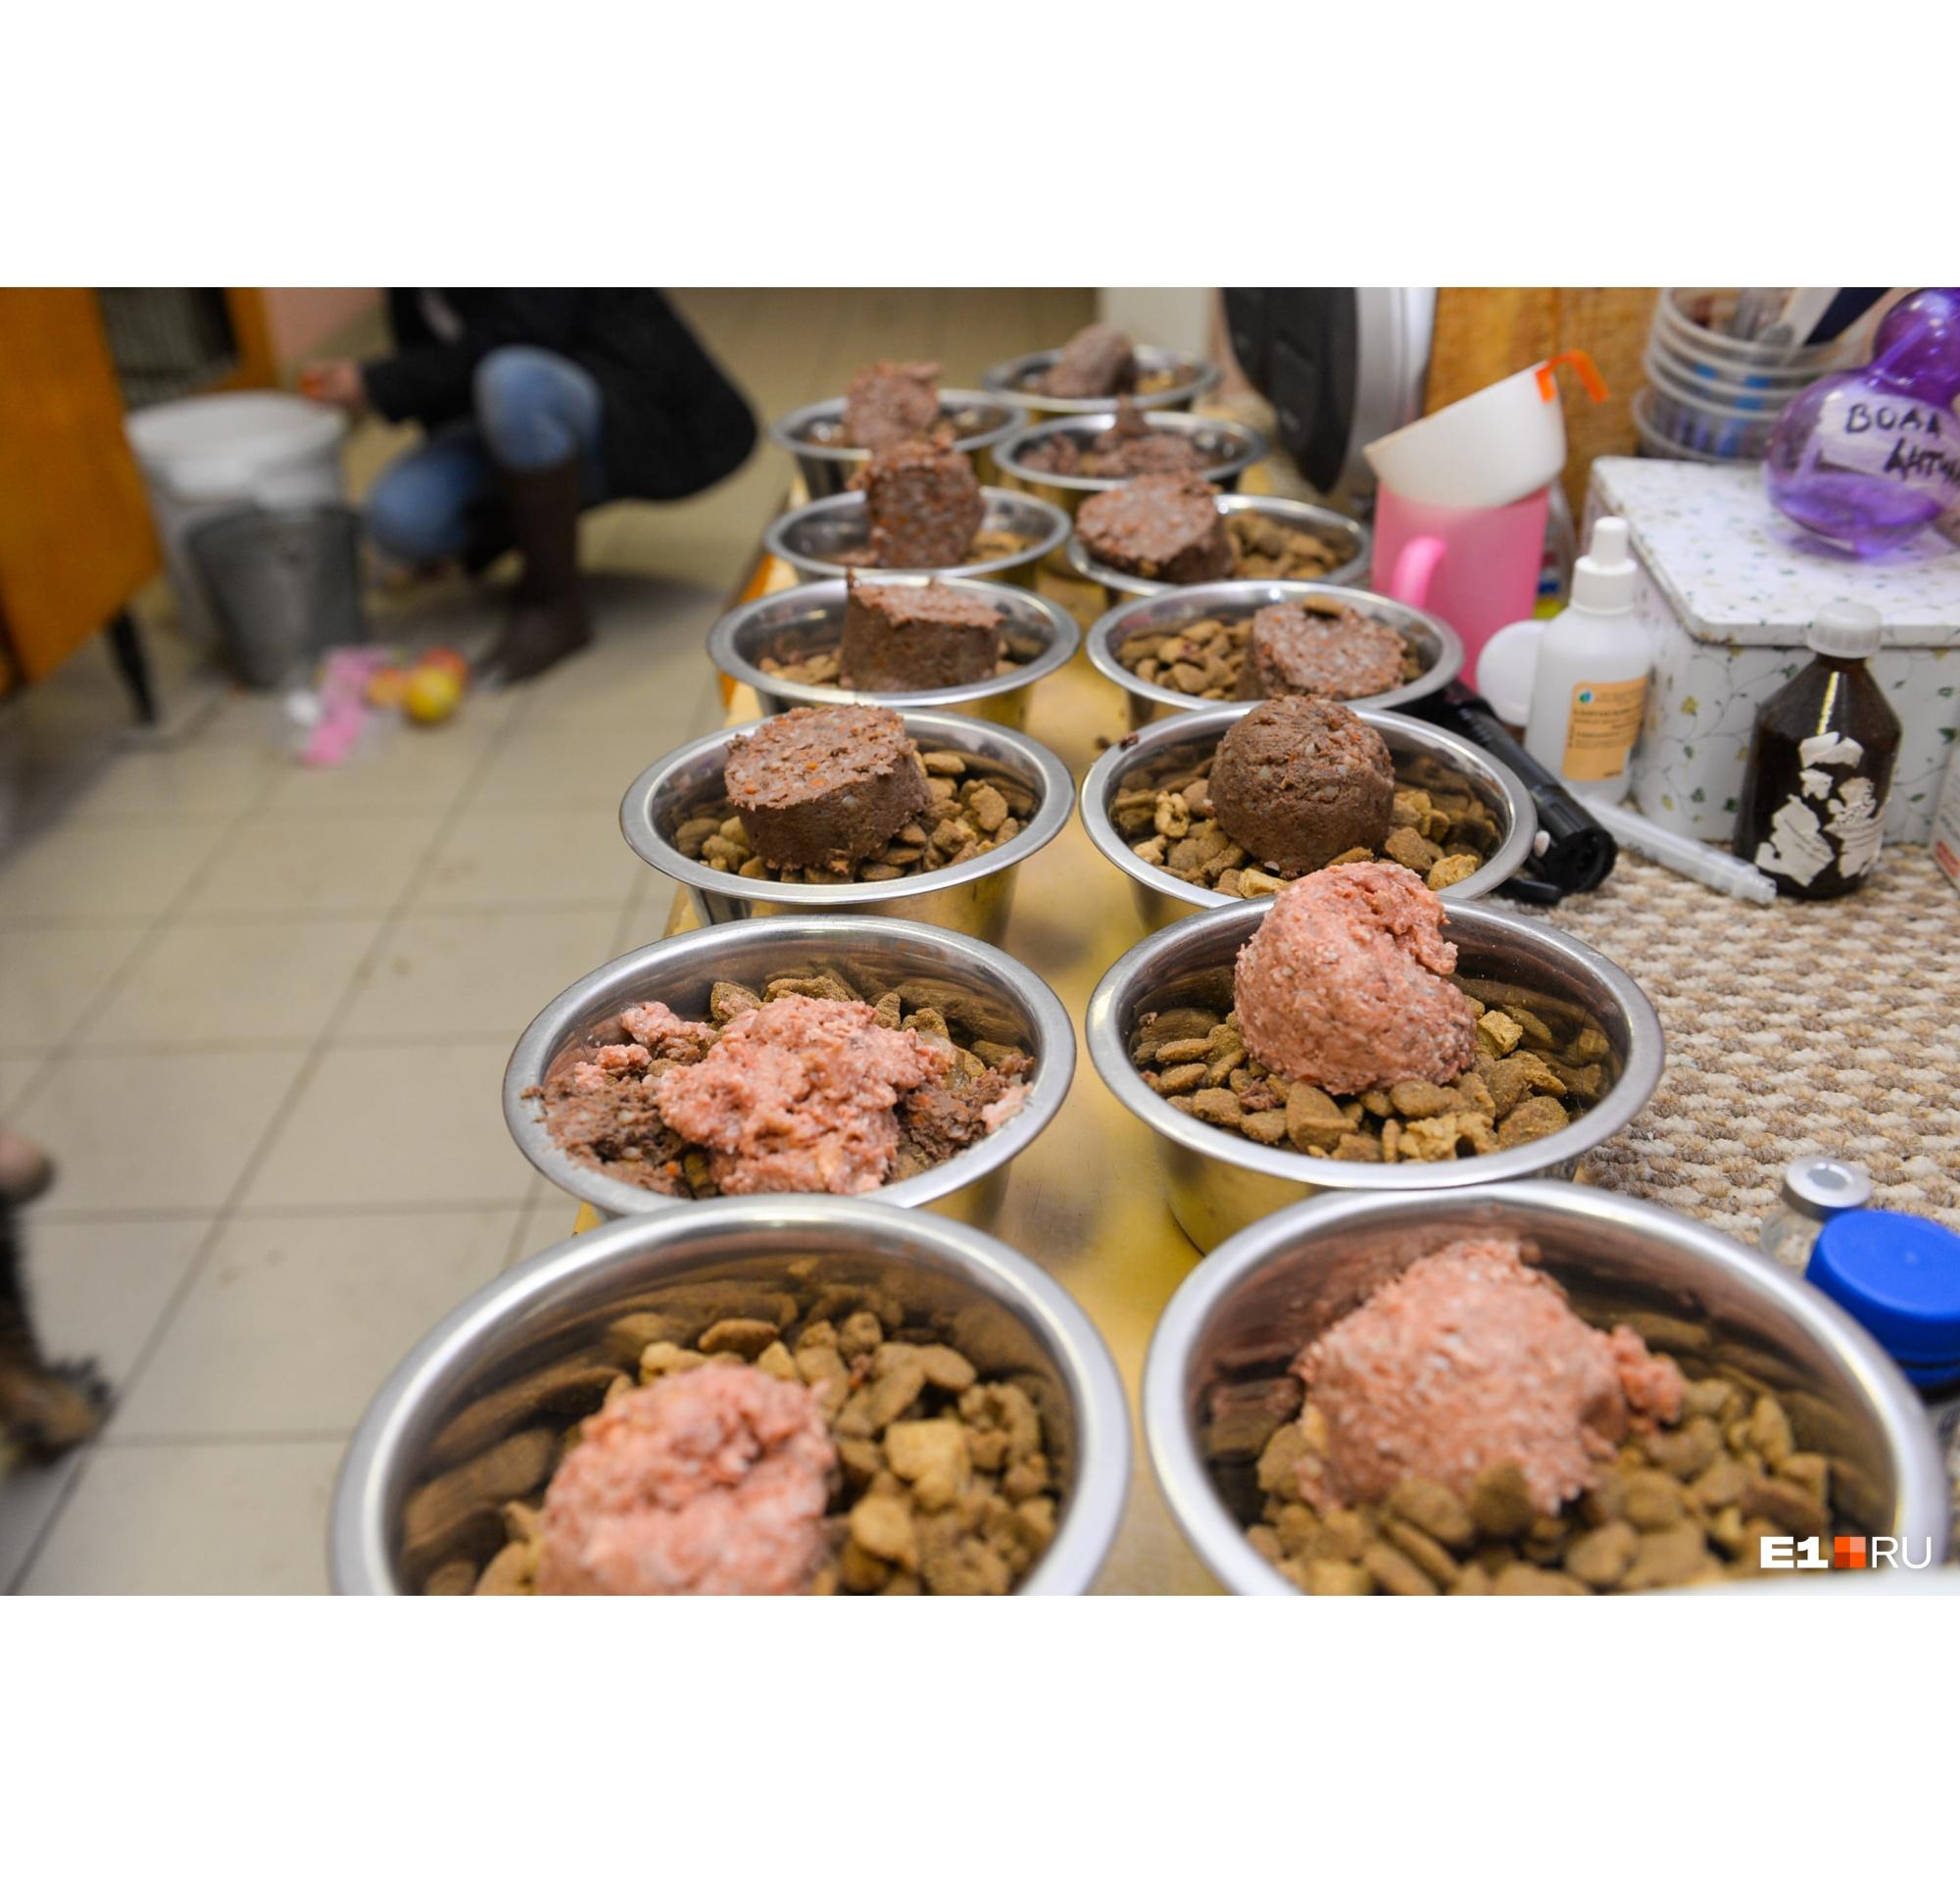 Ужин для собак — подопечных Центра реабилитации животных